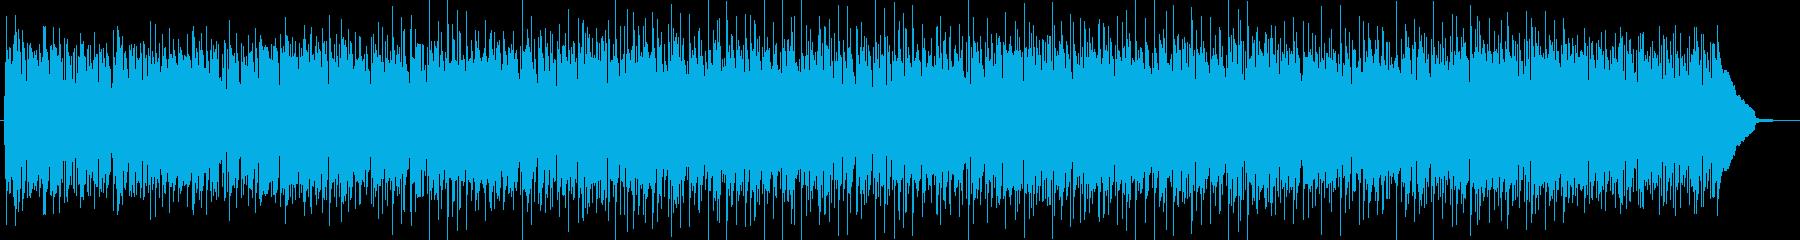 安らぎのアコースティックギターサウンドの再生済みの波形